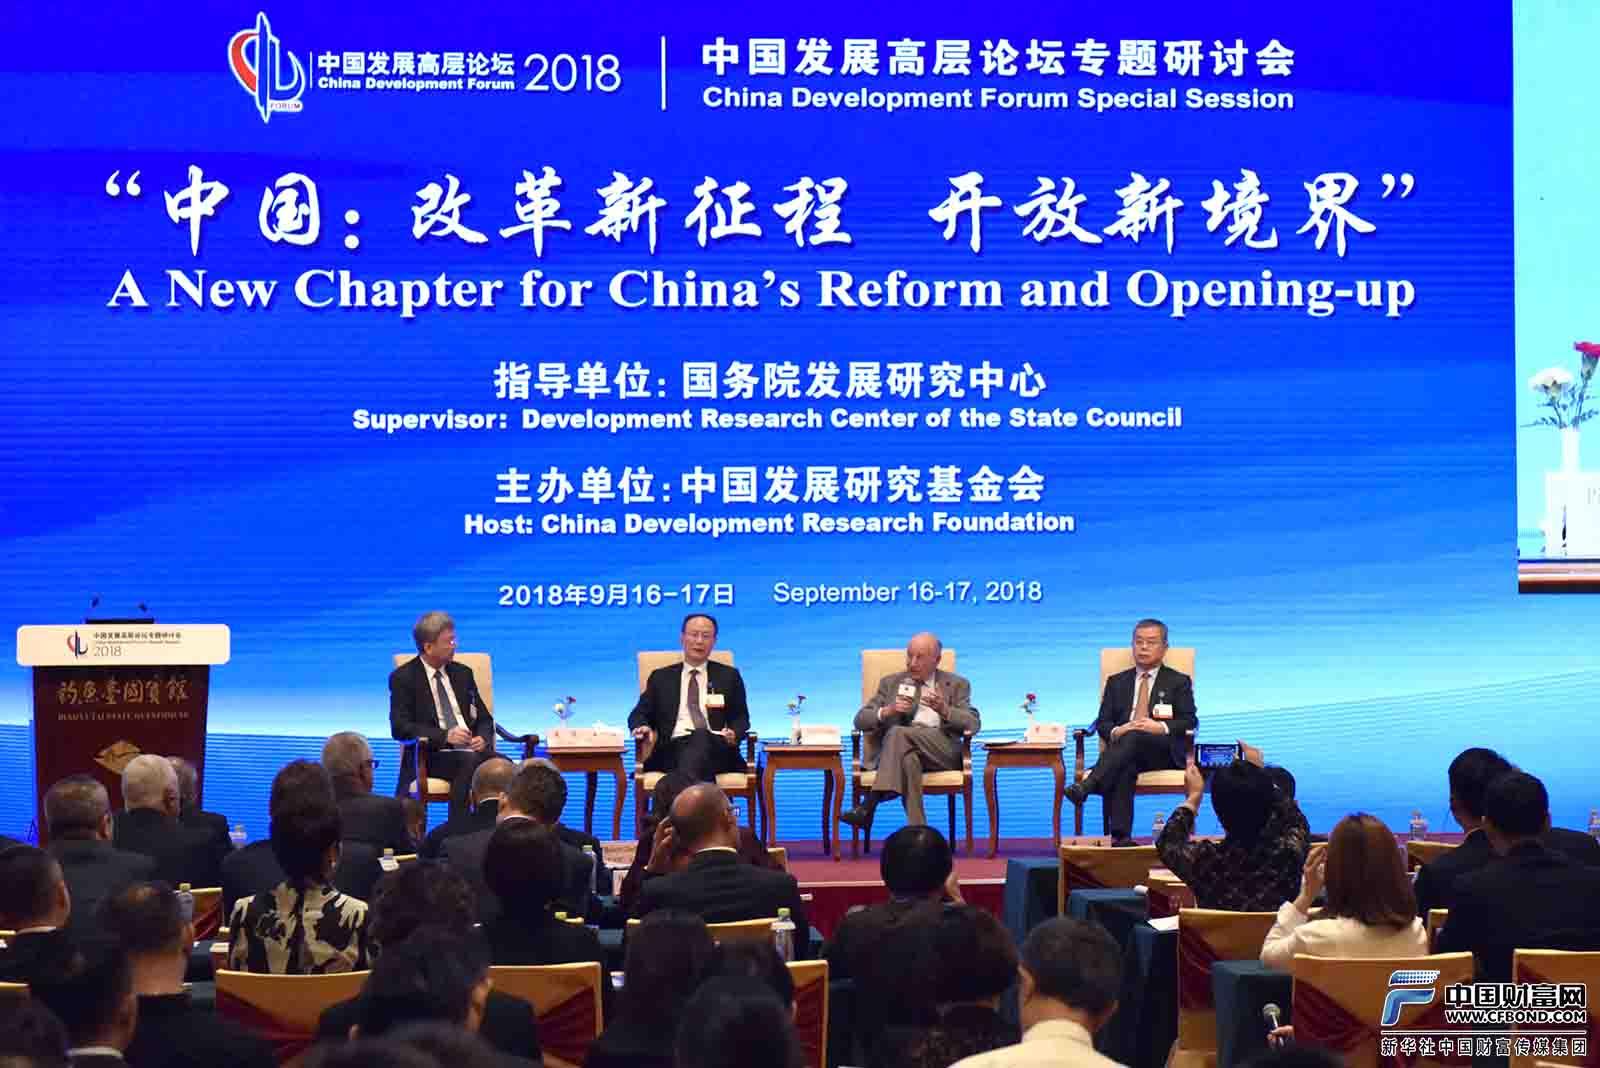 贸易摩擦下的全球经济 嘉宾回答提问环节